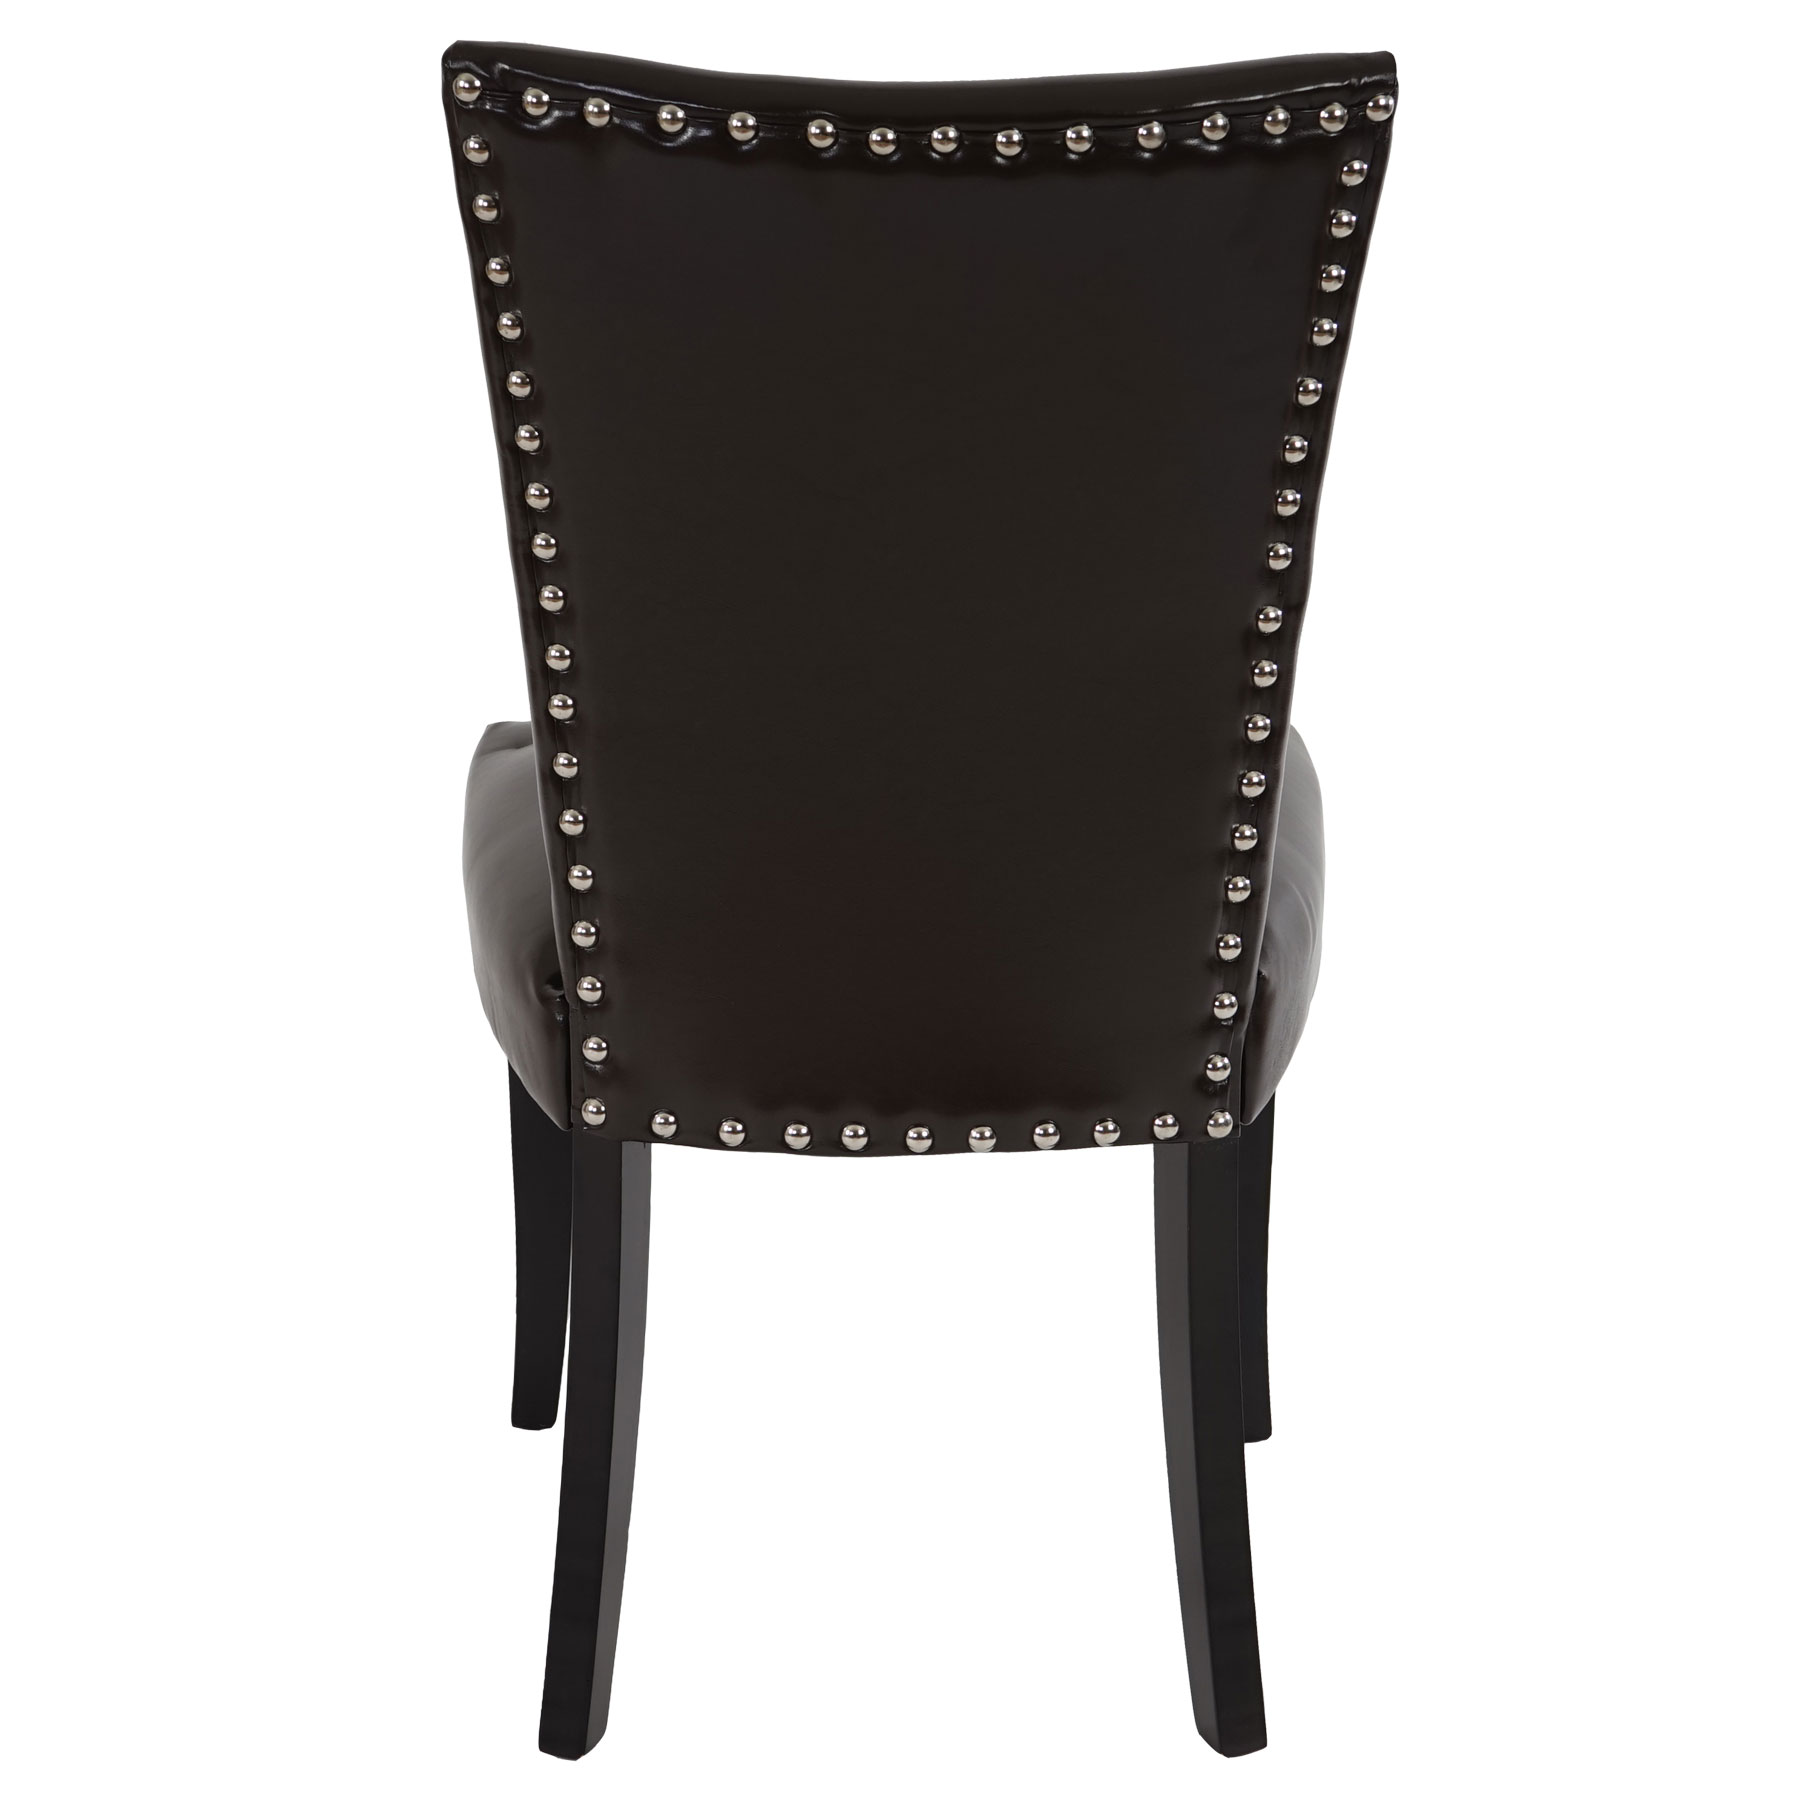 2x esszimmerstuhl chesterfield stuhl lehnstuhl nieten kunstleder braun dunkle beine. Black Bedroom Furniture Sets. Home Design Ideas